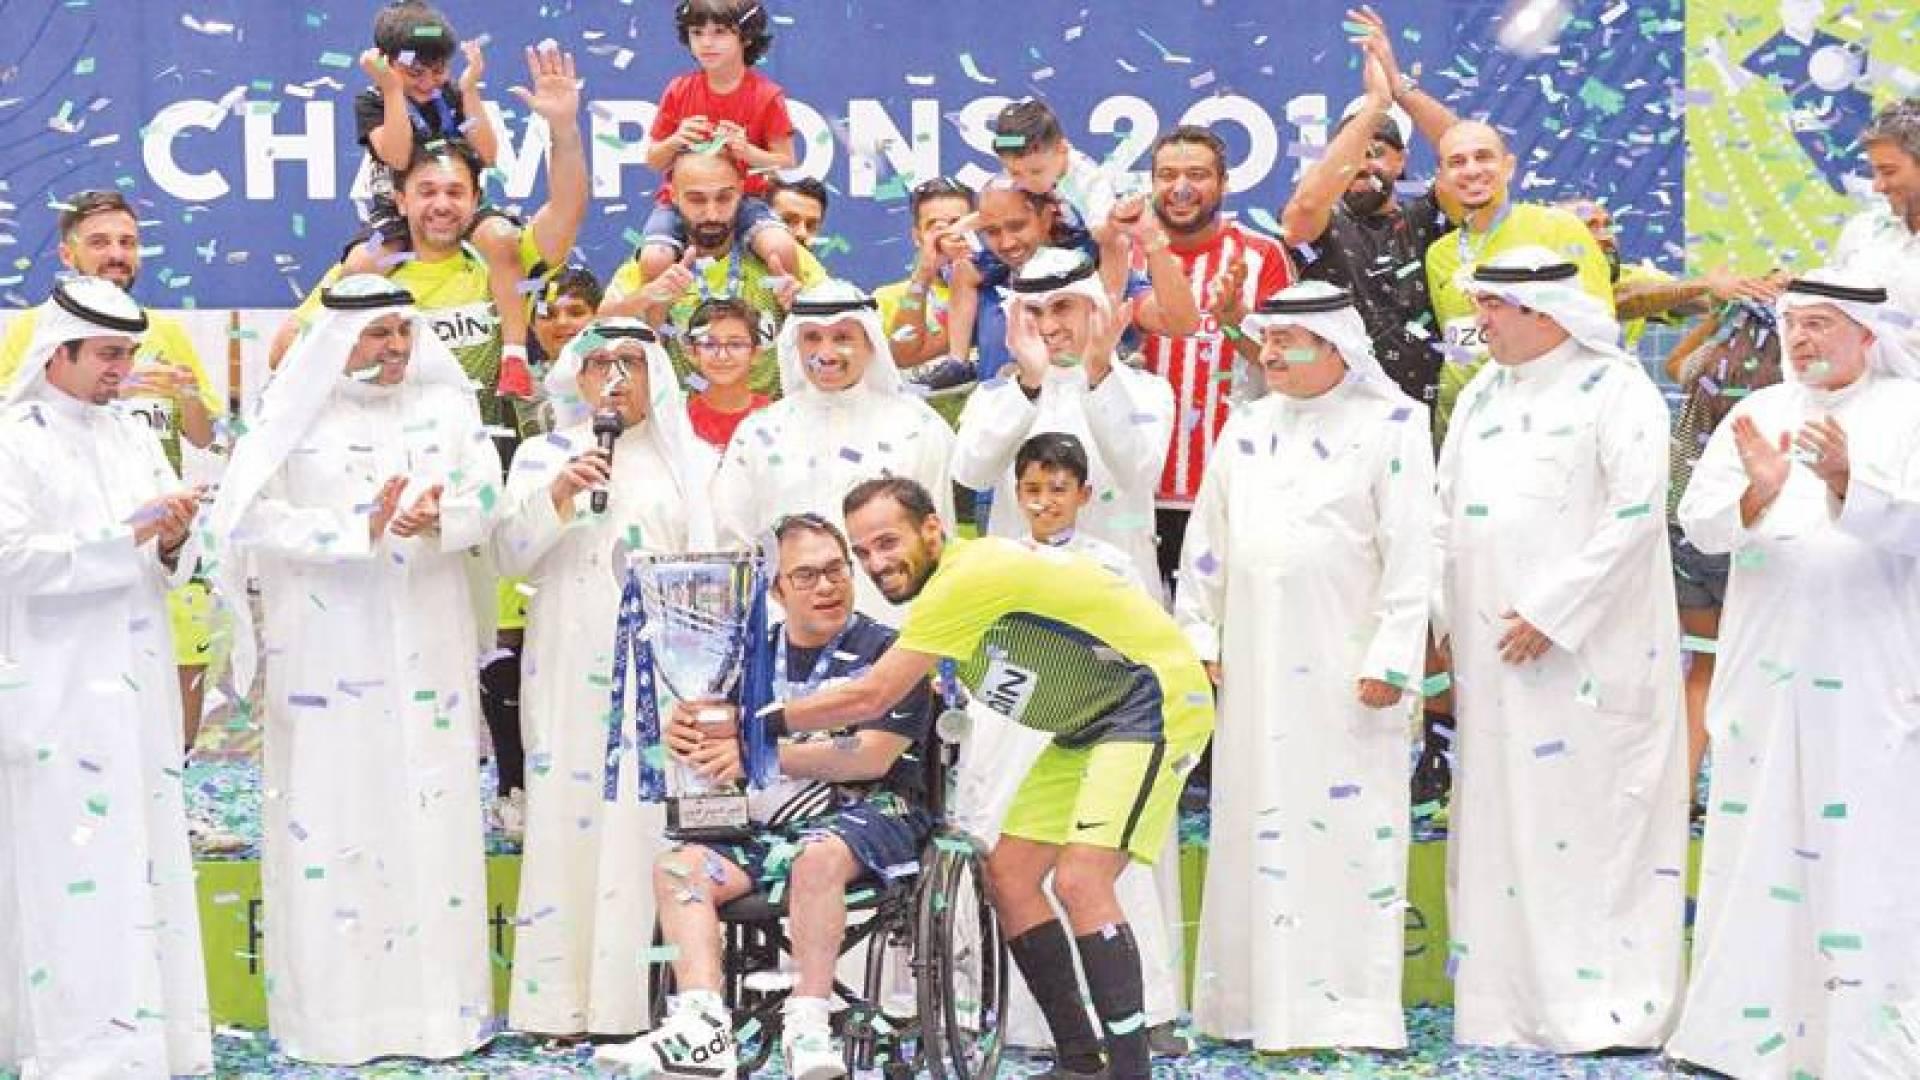 بدر الخرافي خلال تتويج الفريق الفائز بدورة الروضان الرمضانية لكرة القدم